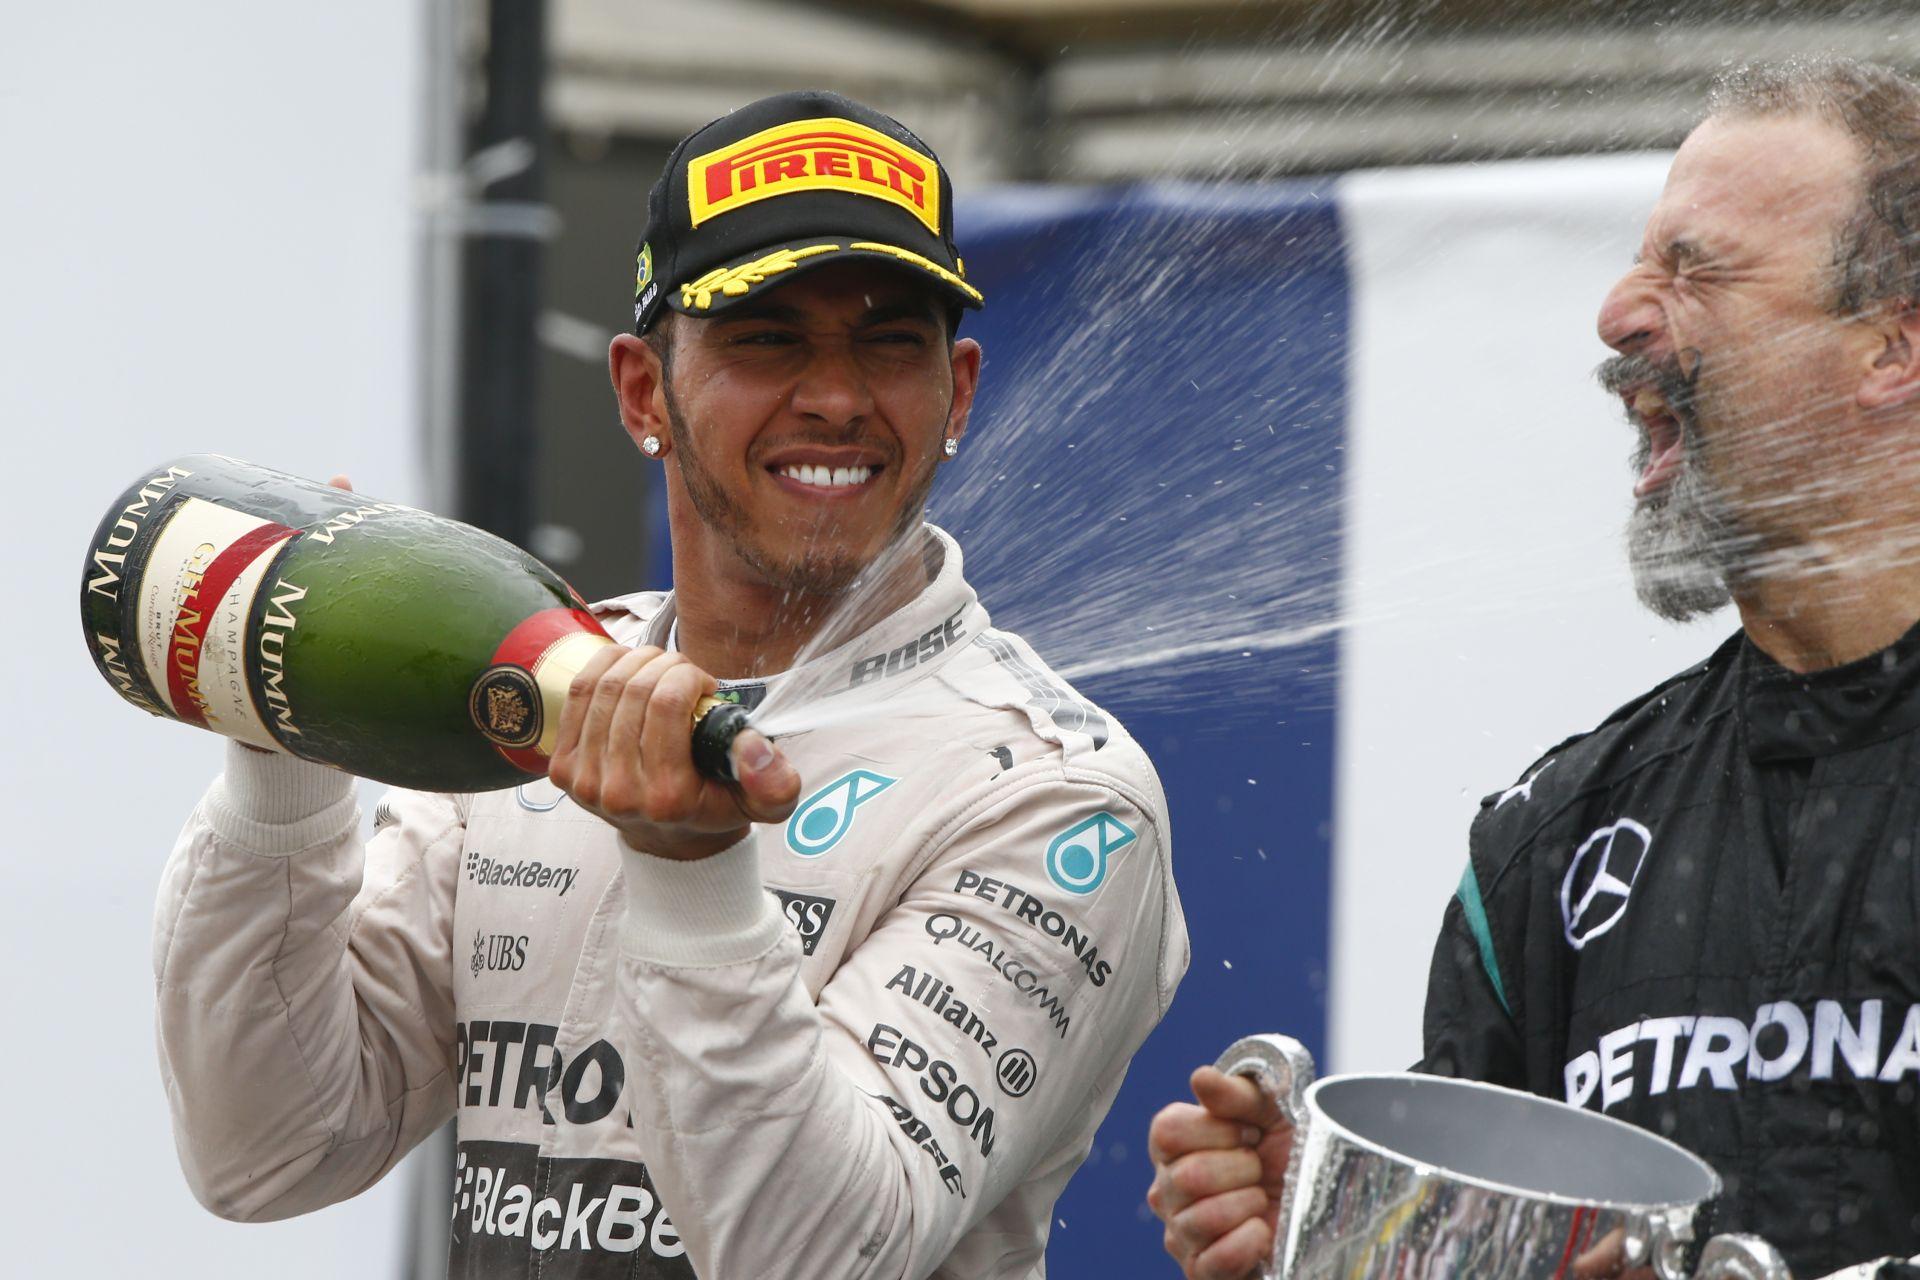 Hamilton alkonyati győzelemmel zárná a bajnoki évét Abu Dhabiban!